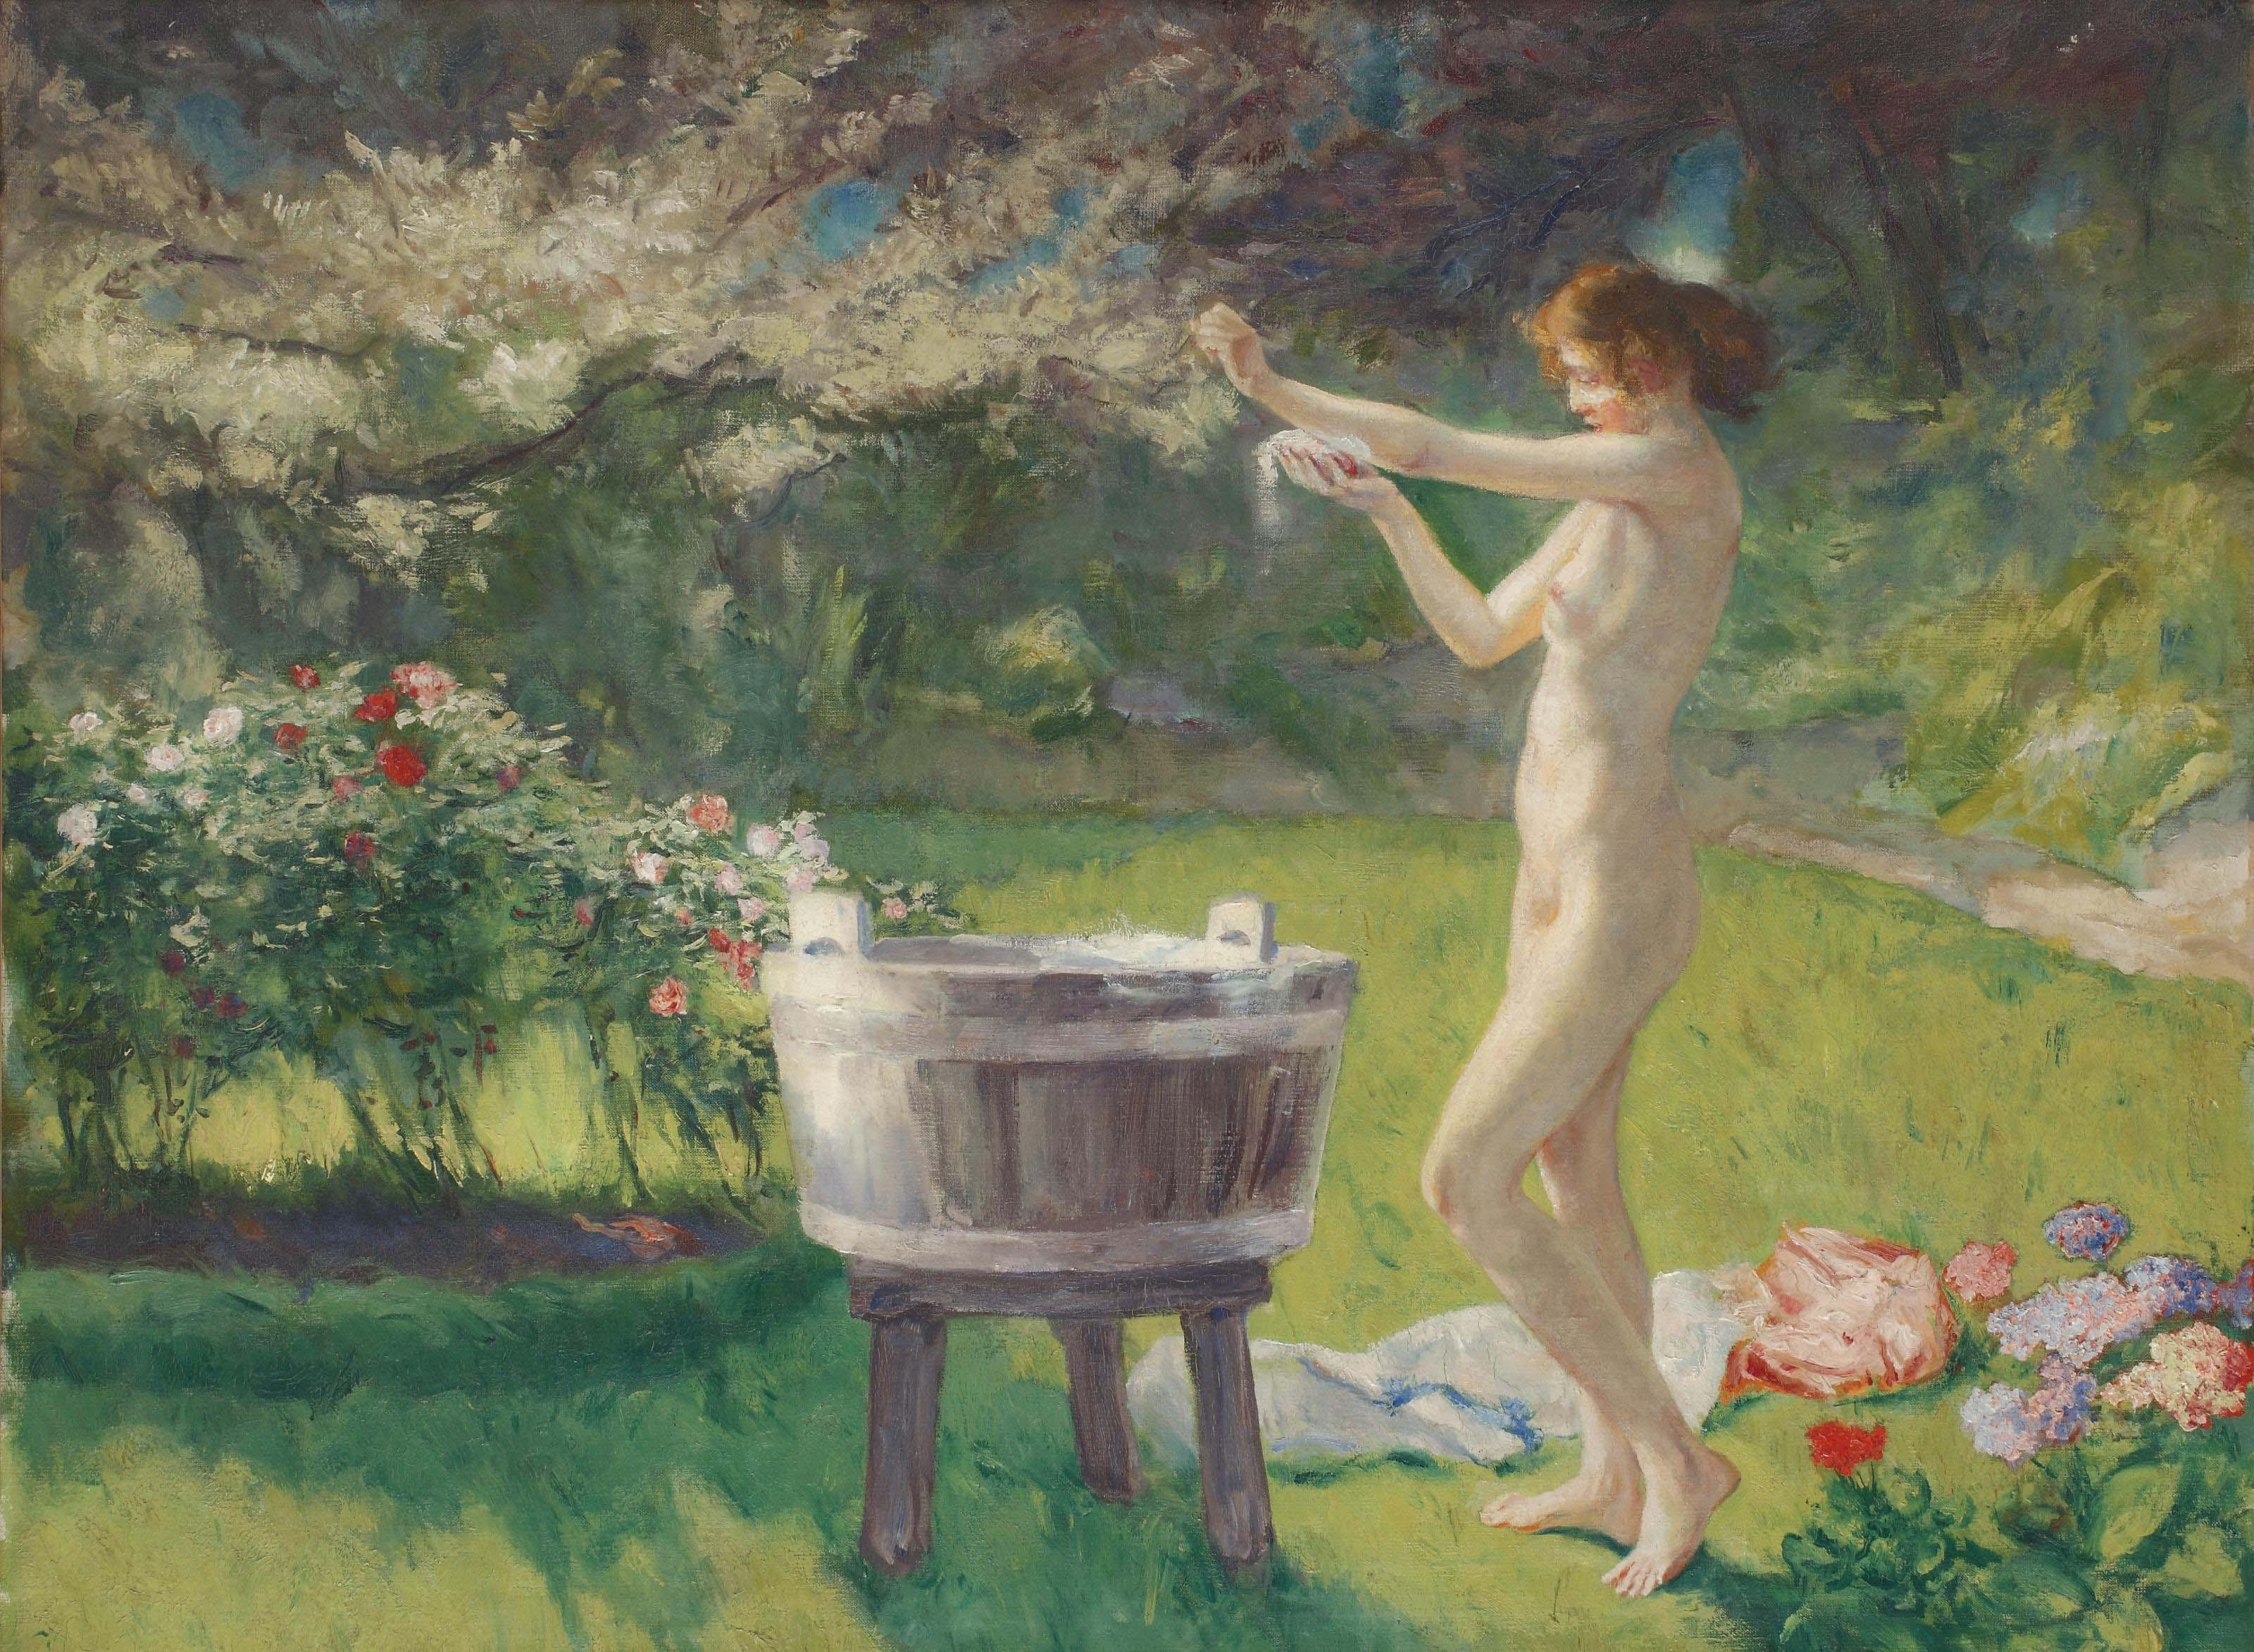 La toilette dans le jardin